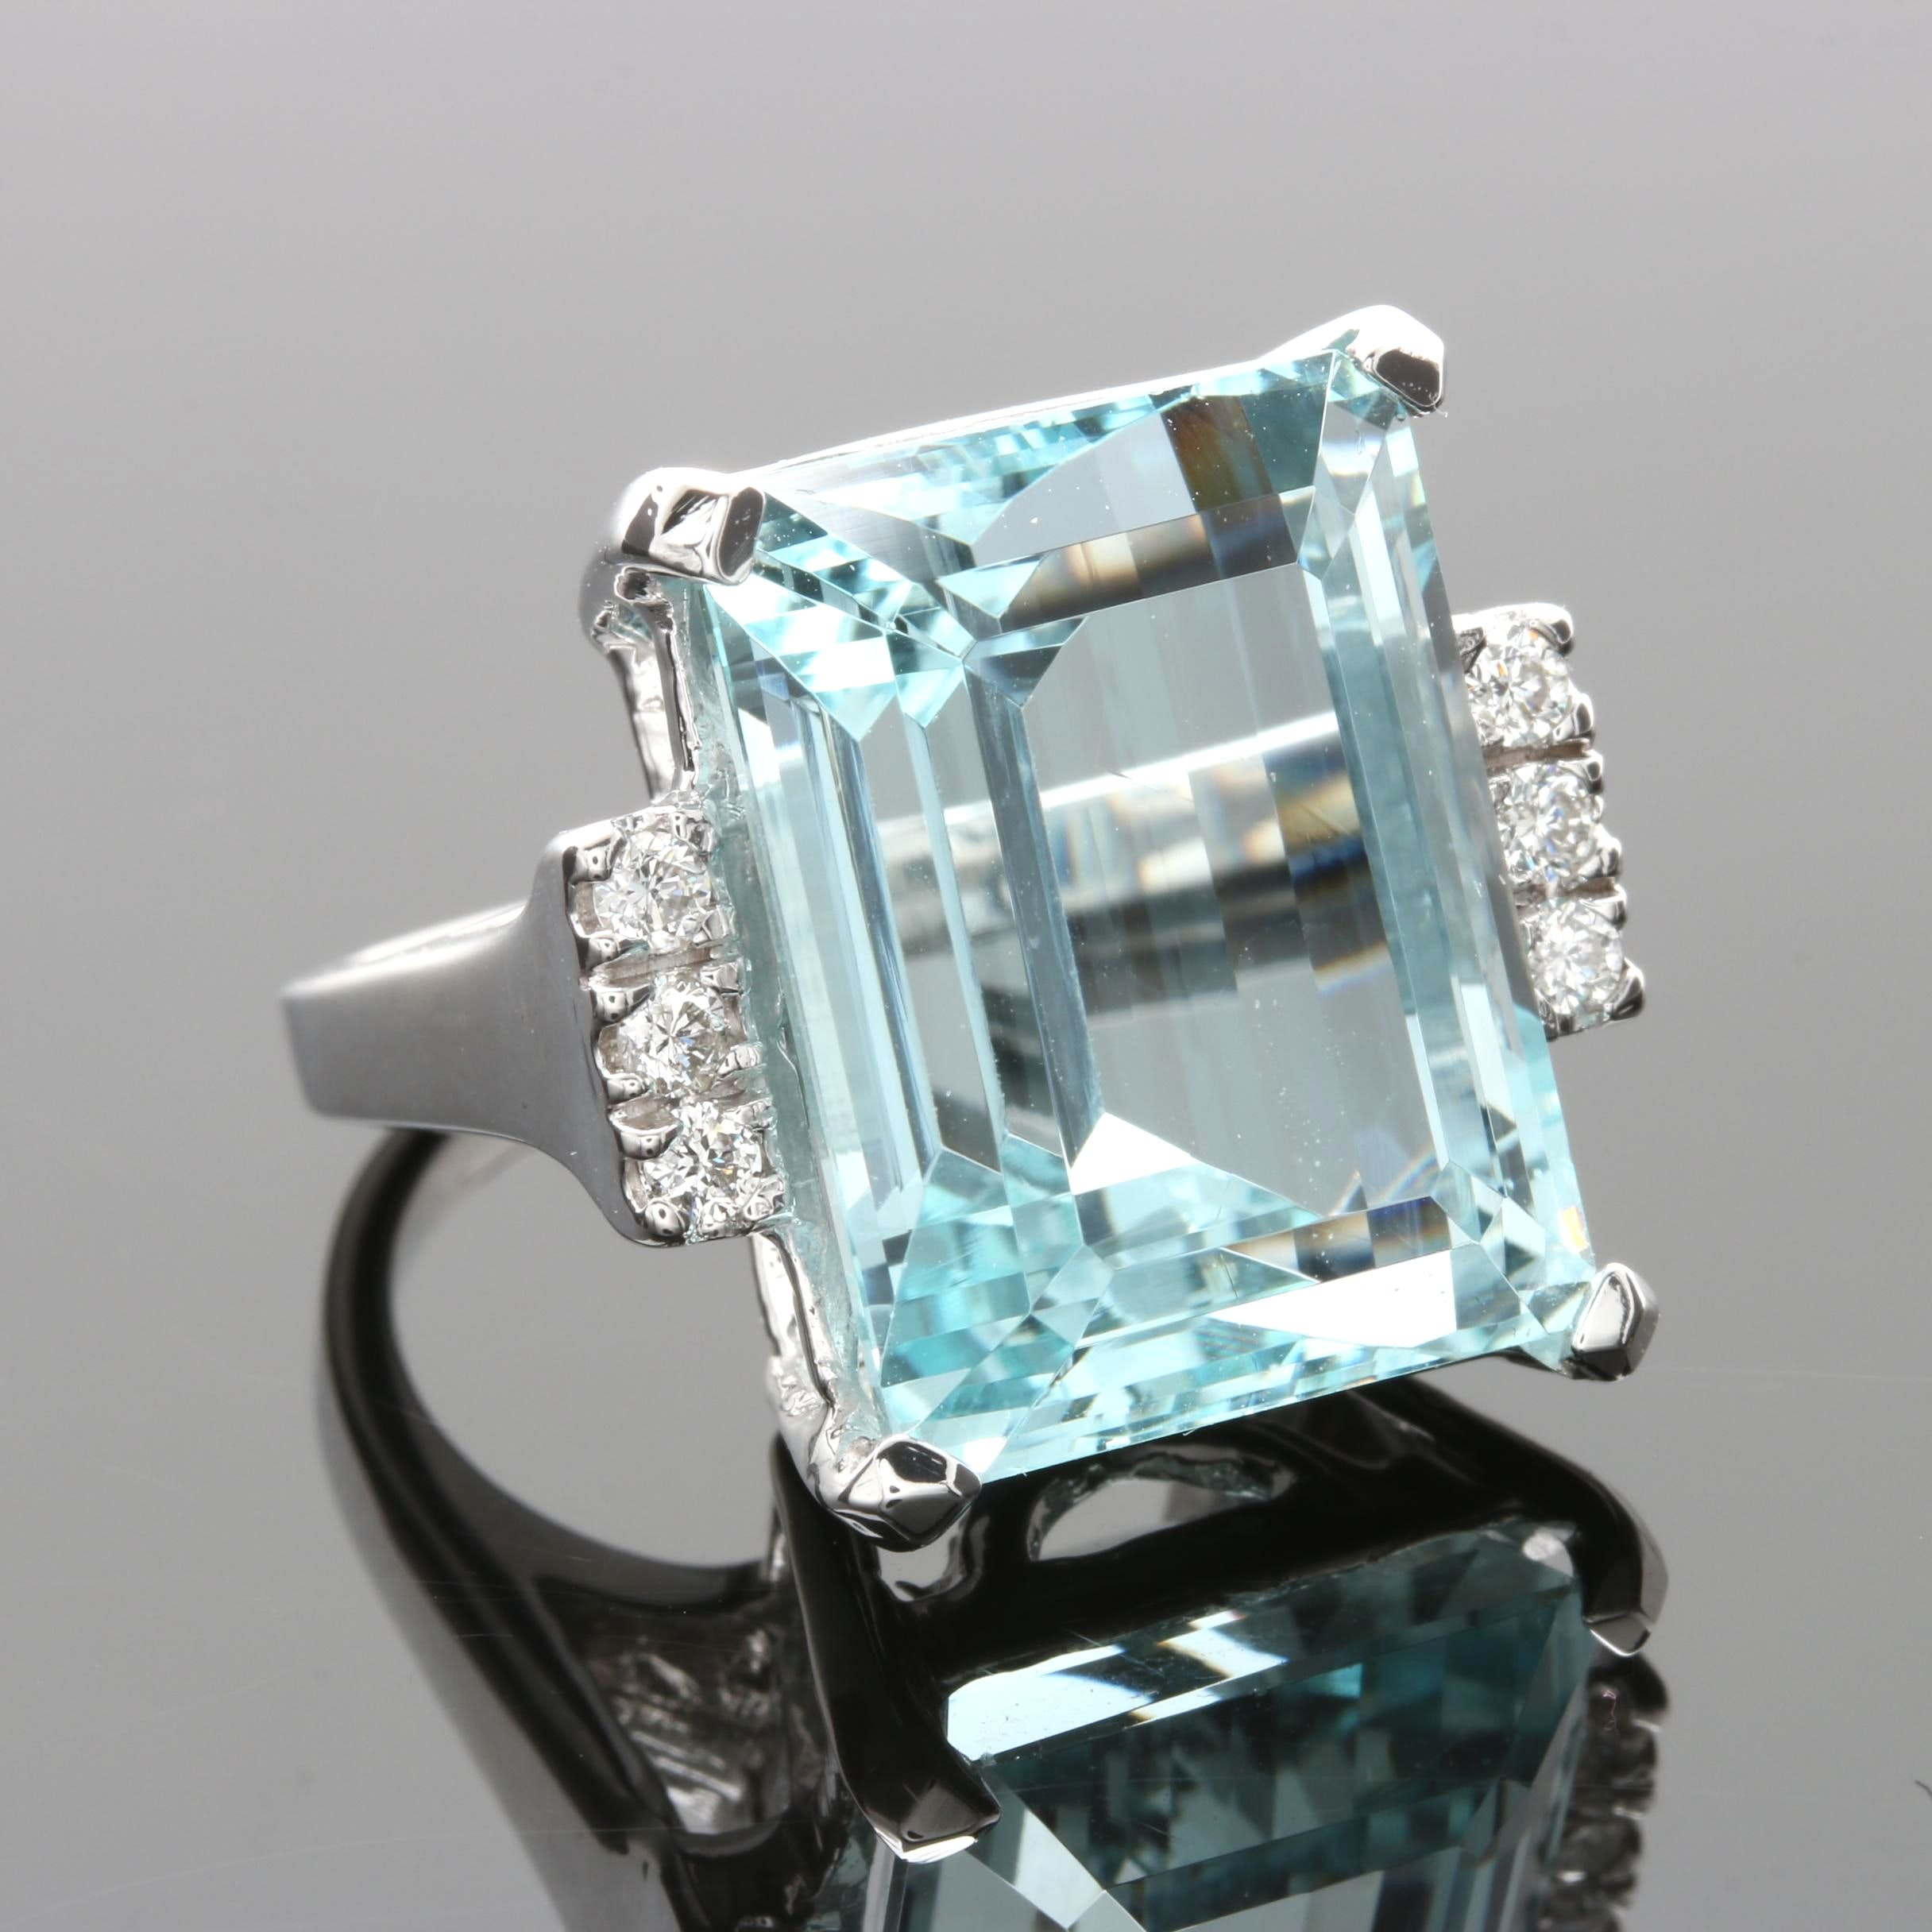 14K White Gold 18.67 CT Aquamarine and Diamond Ring